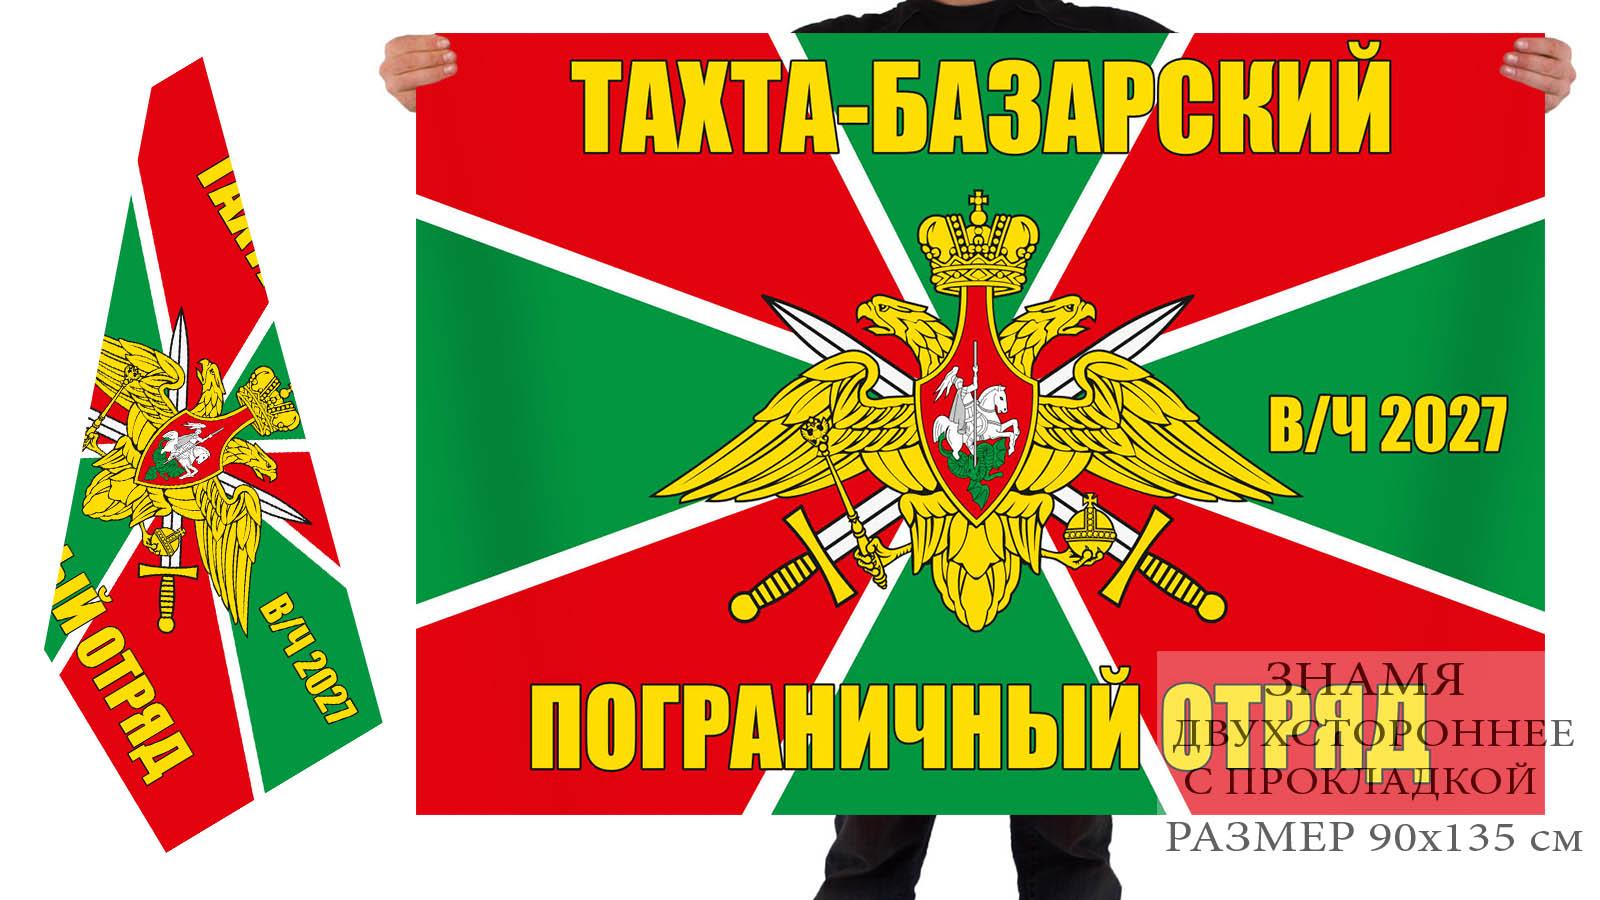 Двусторонний флаг 68-го Тахта-Базарского Погранотряда